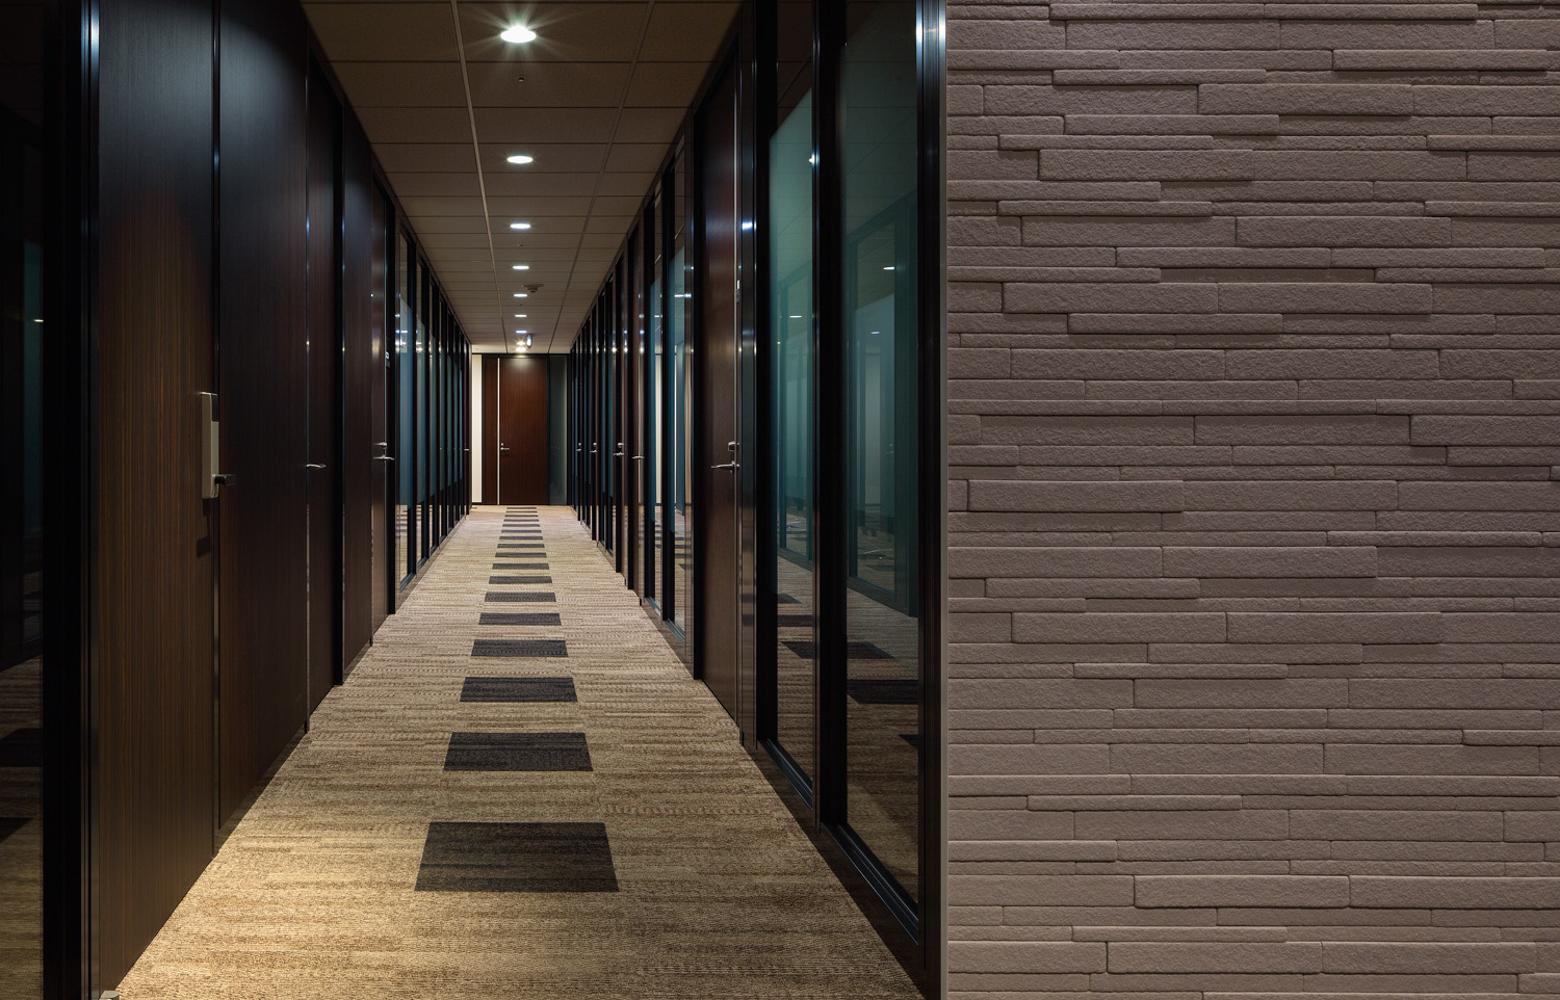 三井金属エンジニアリング株式会社 Corridor_2 デザイン・レイアウト事例